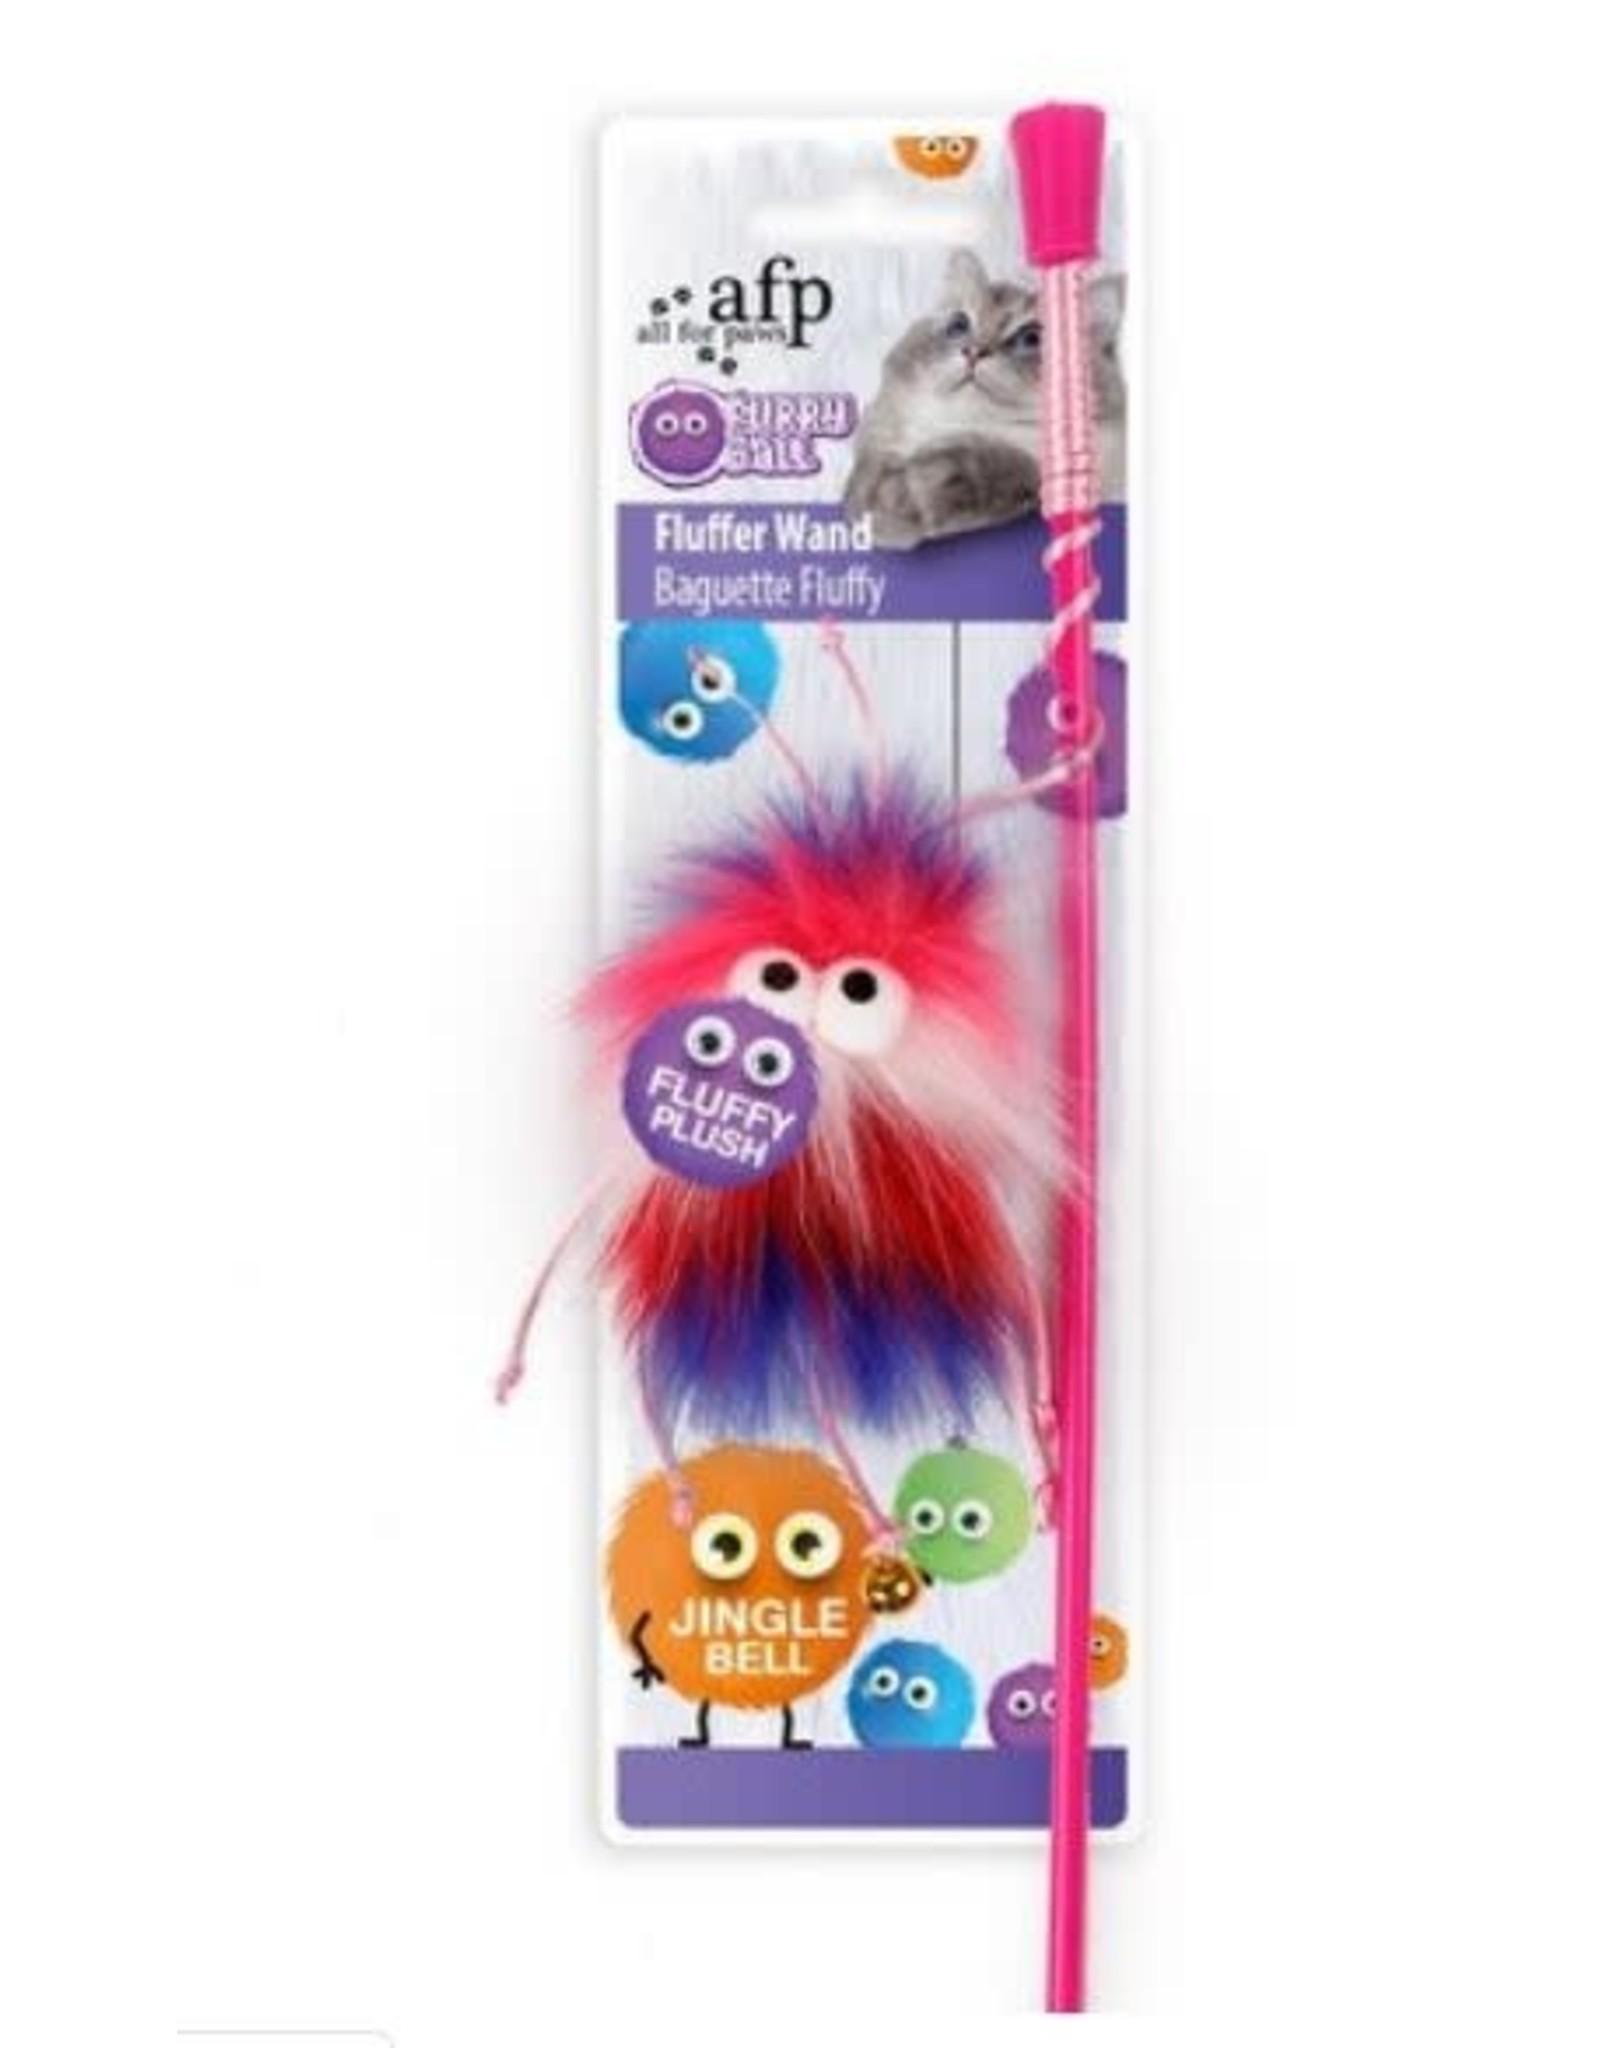 afp afp Furry Ball Fluffer Wand